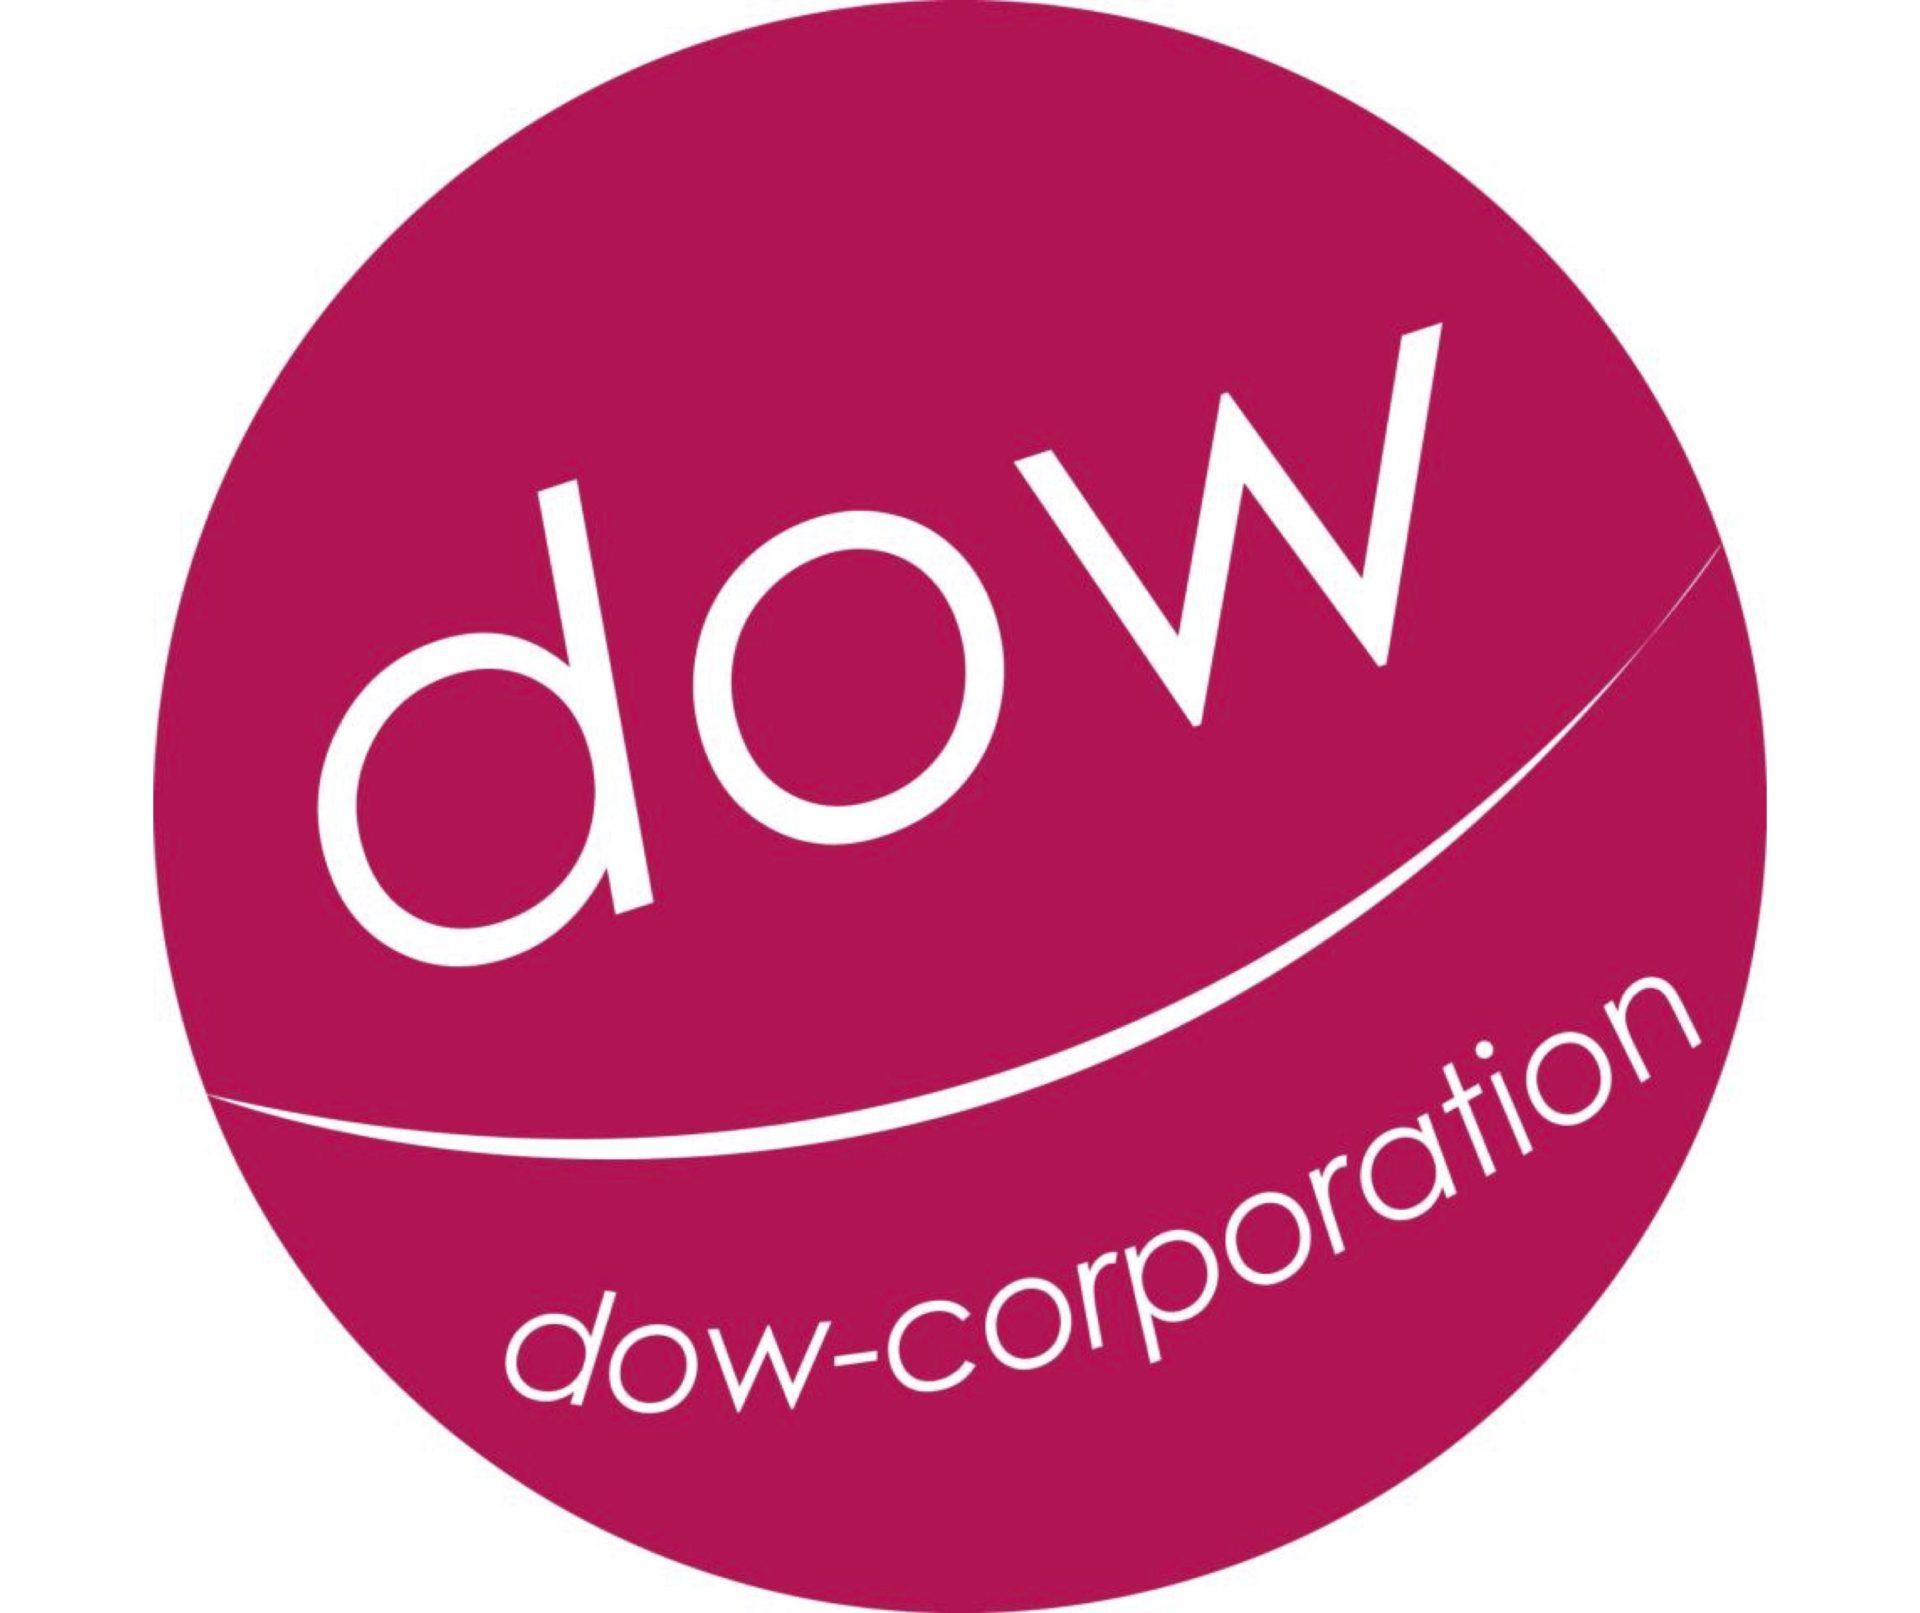 バリアフリドレス-dow-corporation